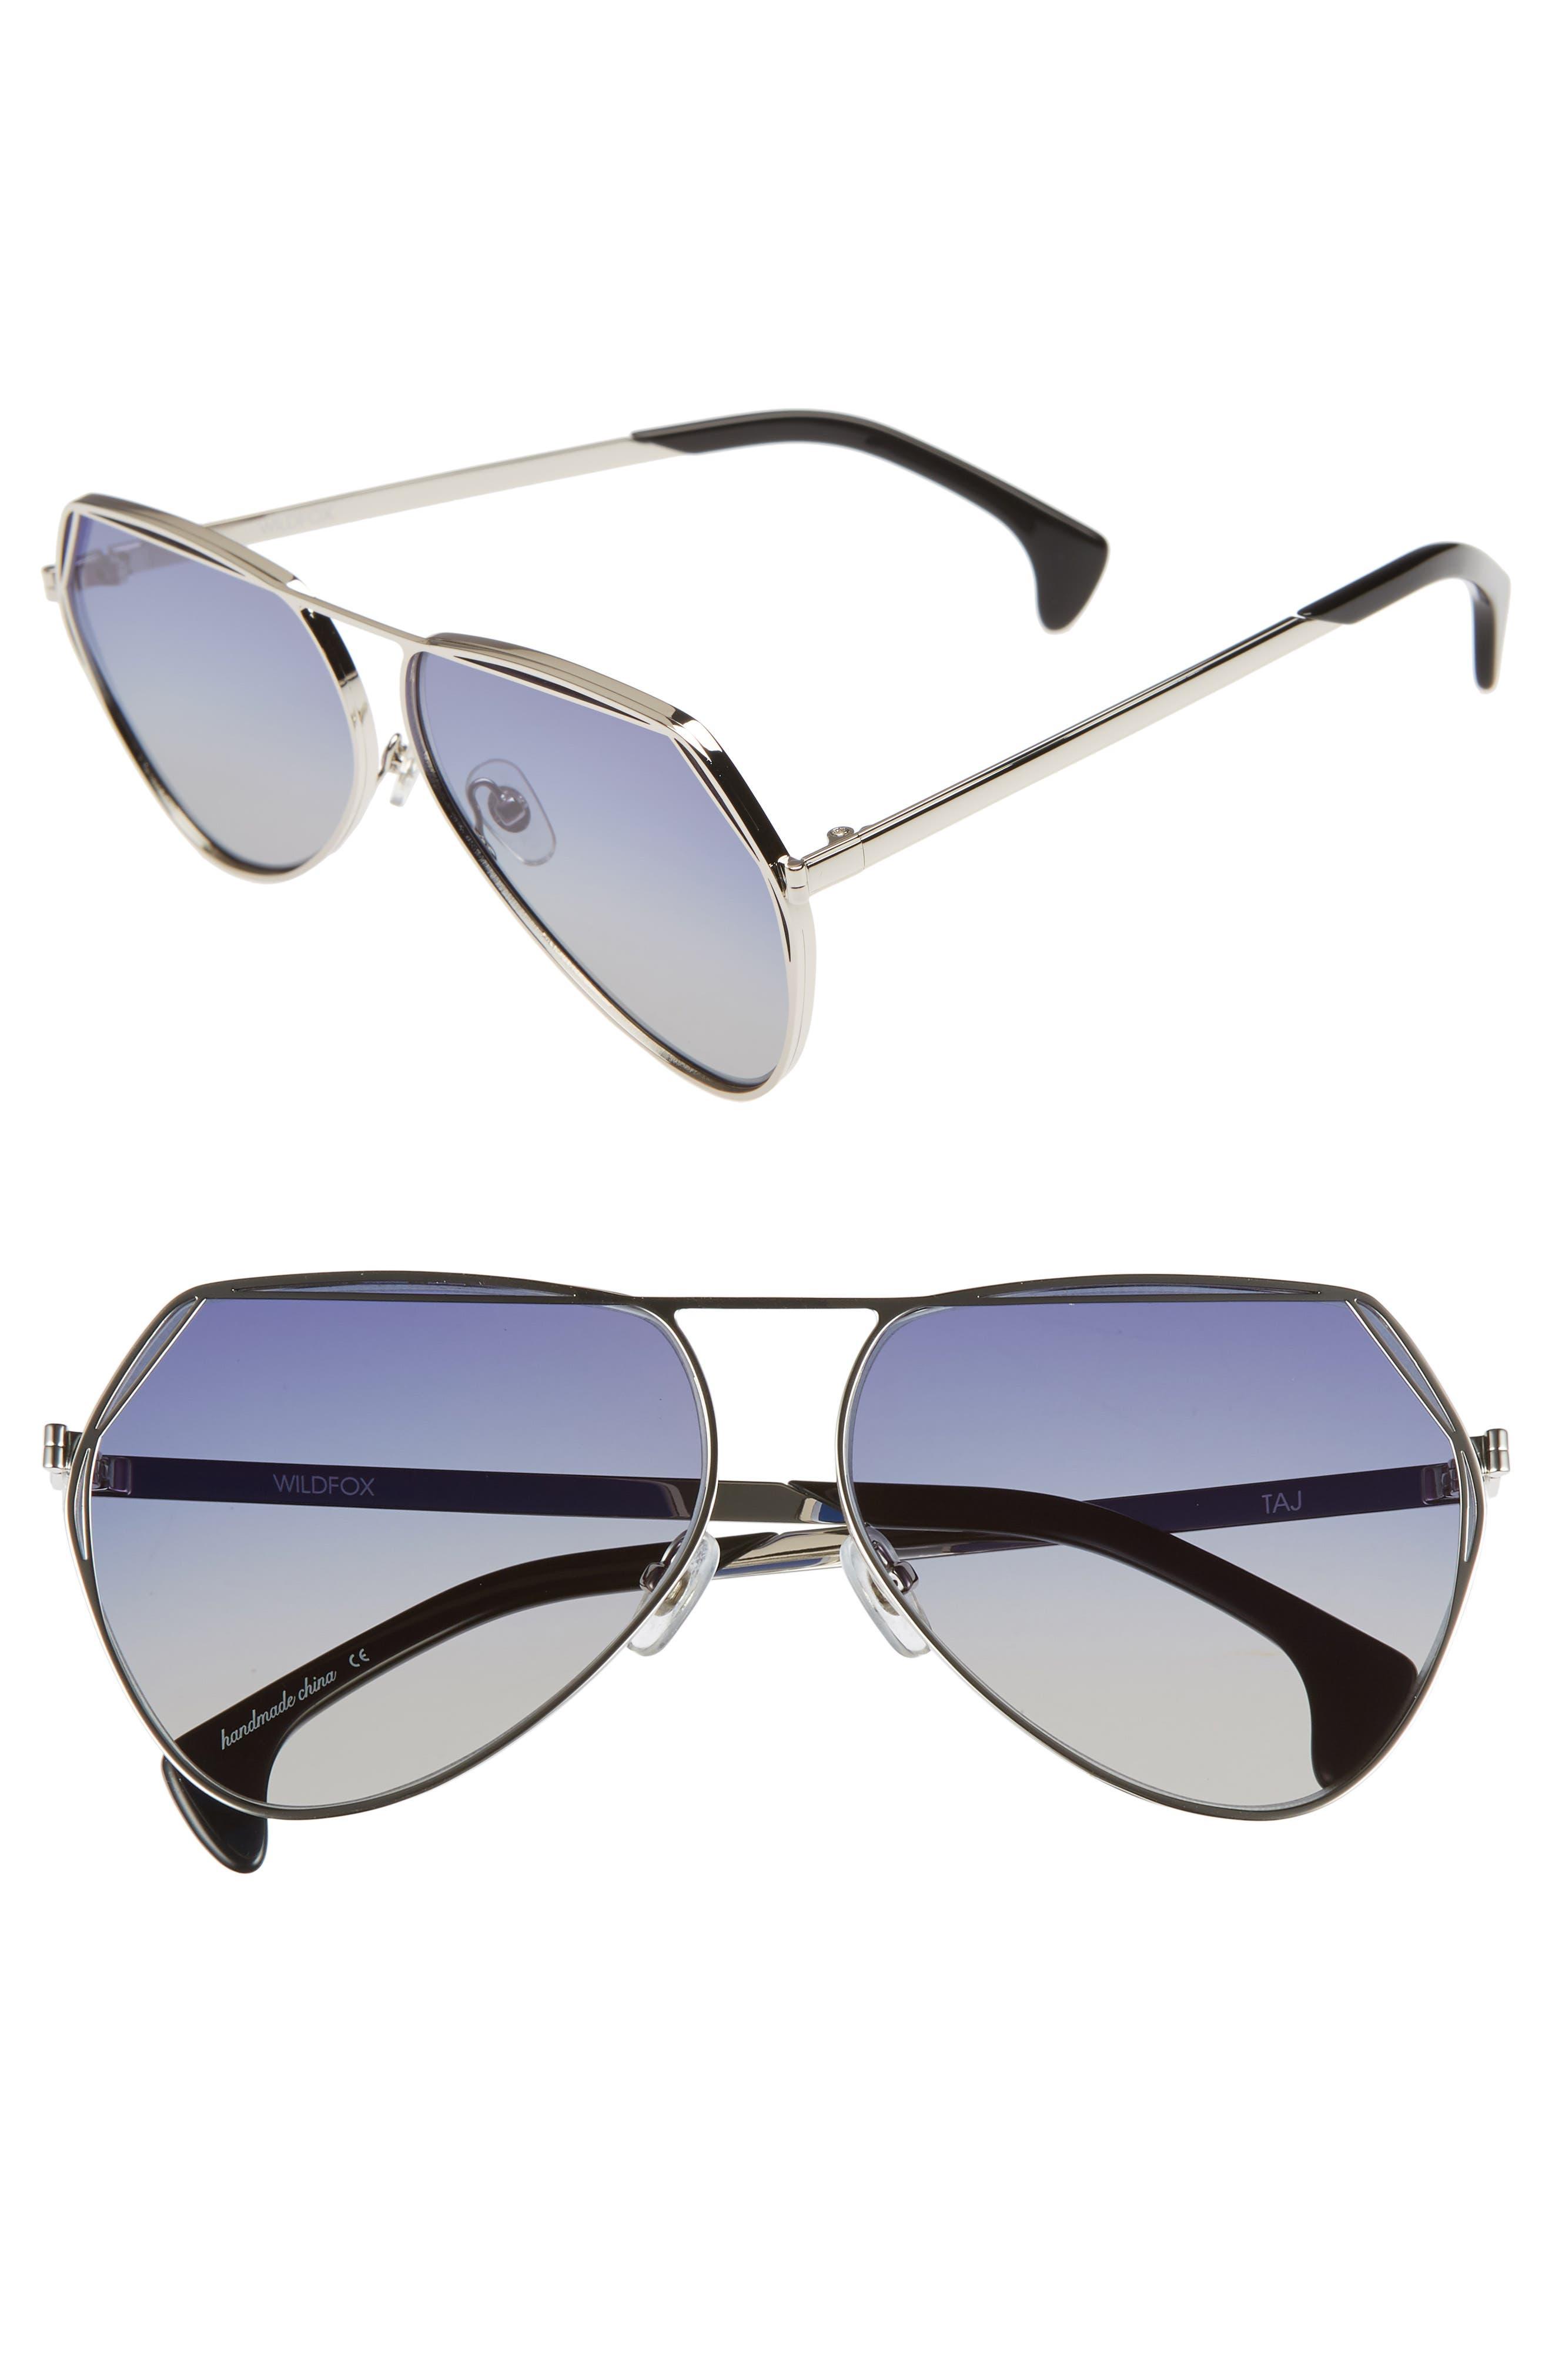 Taj 62mm Oversize Aviator Sunglasses,                             Main thumbnail 1, color,                             040